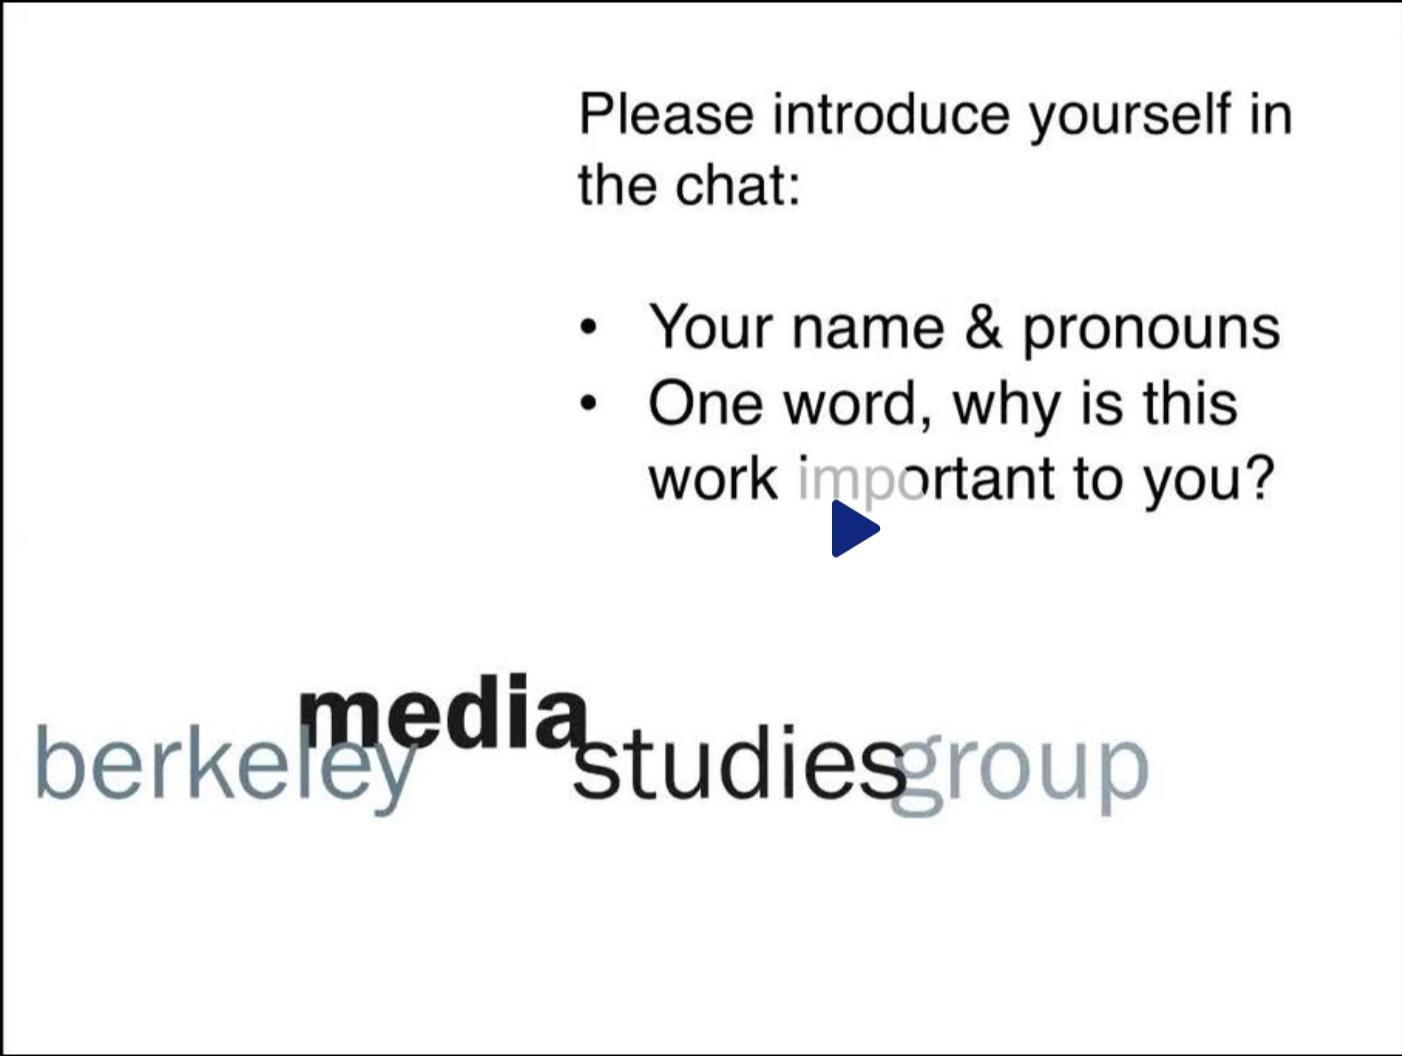 Berkeley Media Studies Group